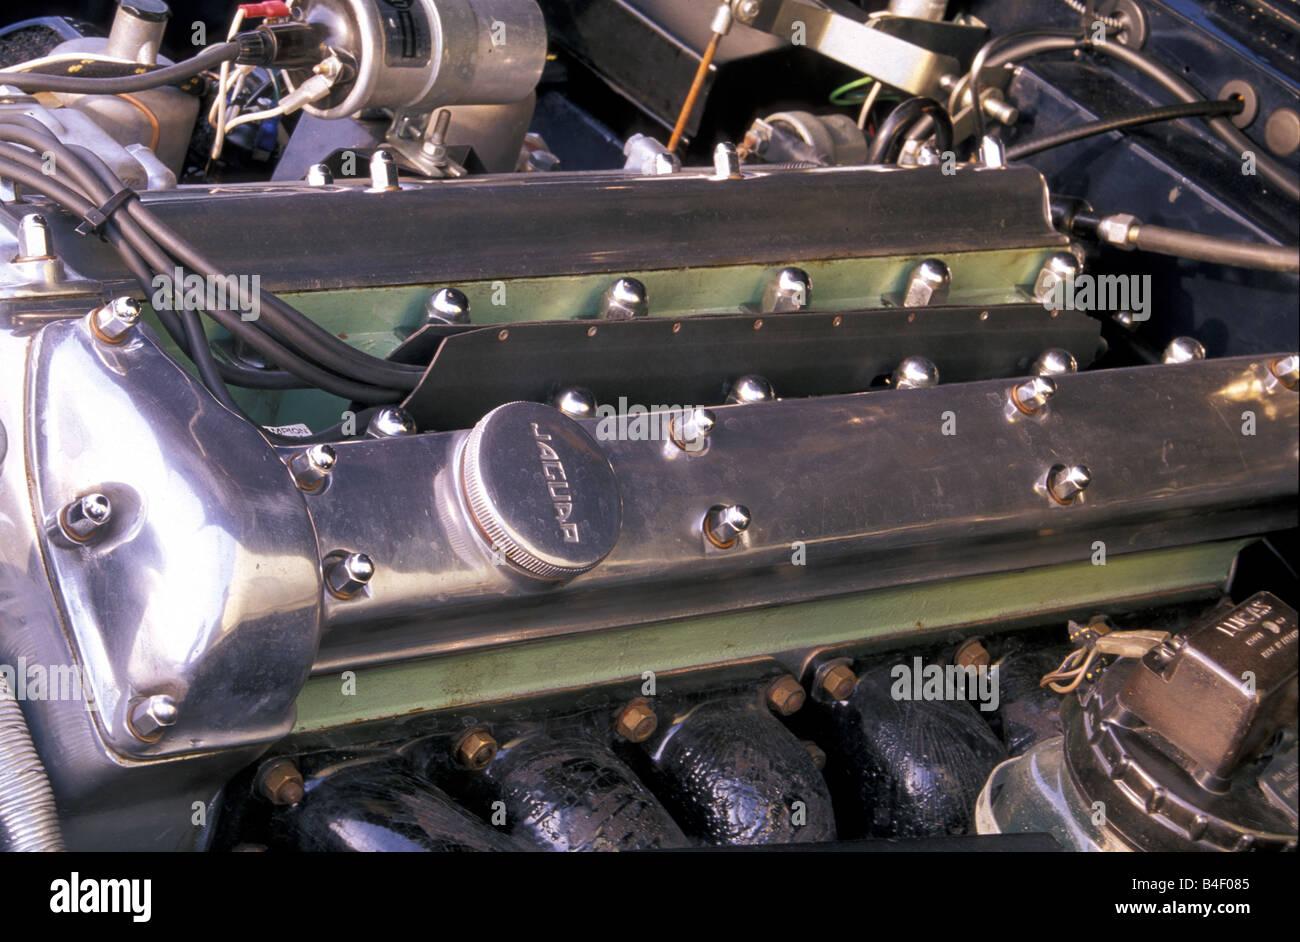 Car, Jaguar XK 150, vintage car, black, 1950s, fifties, convertible,  detail, details, engine compartment, engine - Stock Image